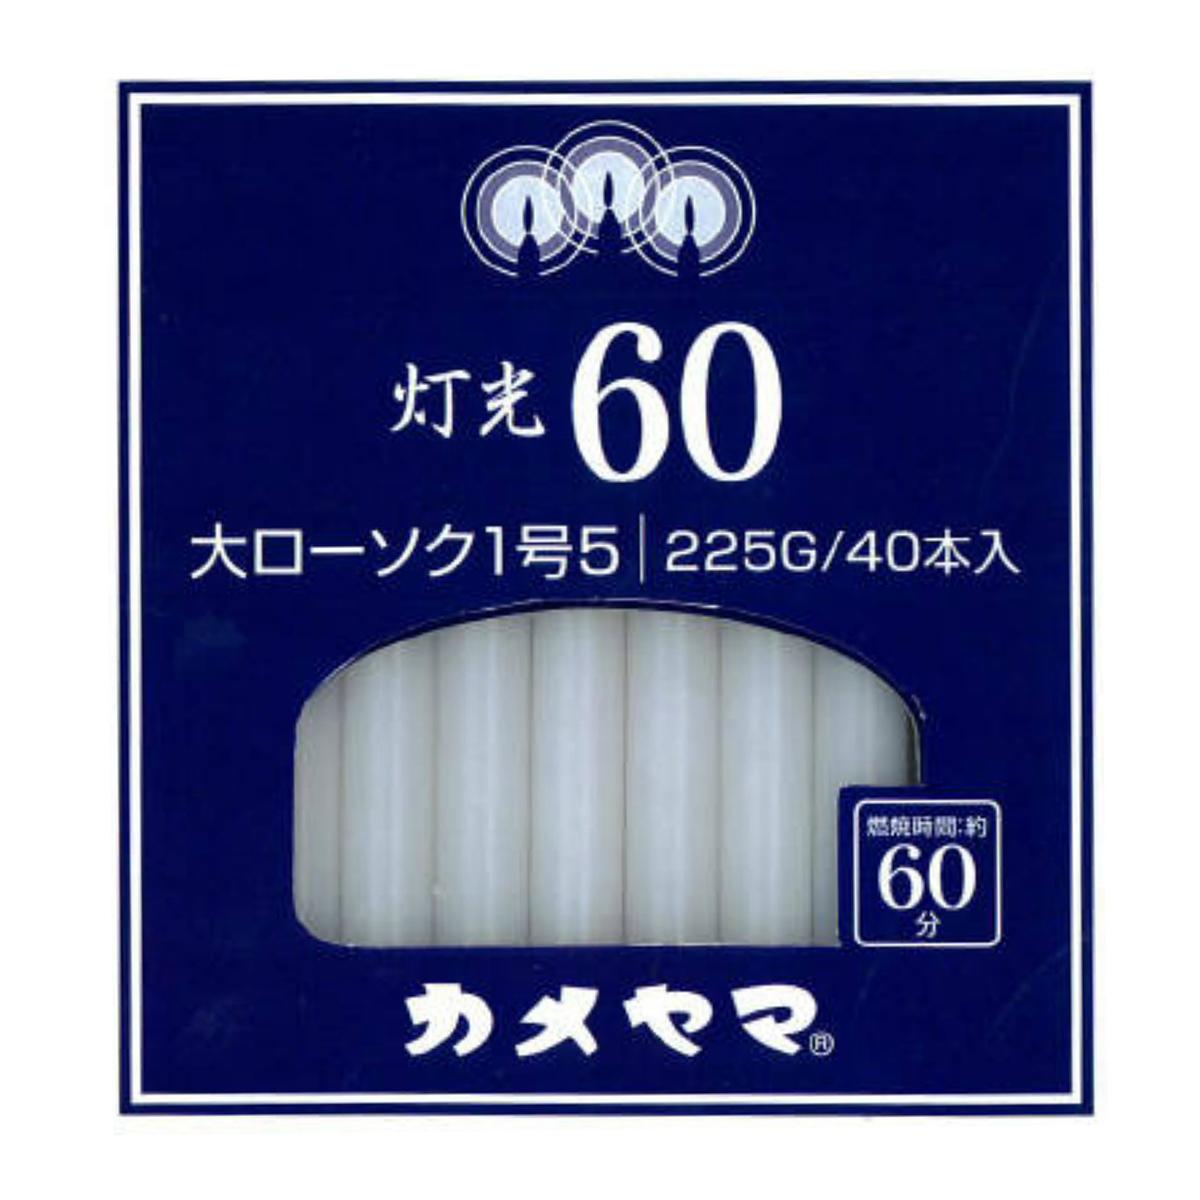 カメヤマローソク 神仏用ローソク ( ロウソク ) です。燃焼時間は約60分です 4901435915920 カメヤマ 灯光60 大1号5 225g 神仏用ローソク 燃焼時間約60分 ( 4901435915920 )